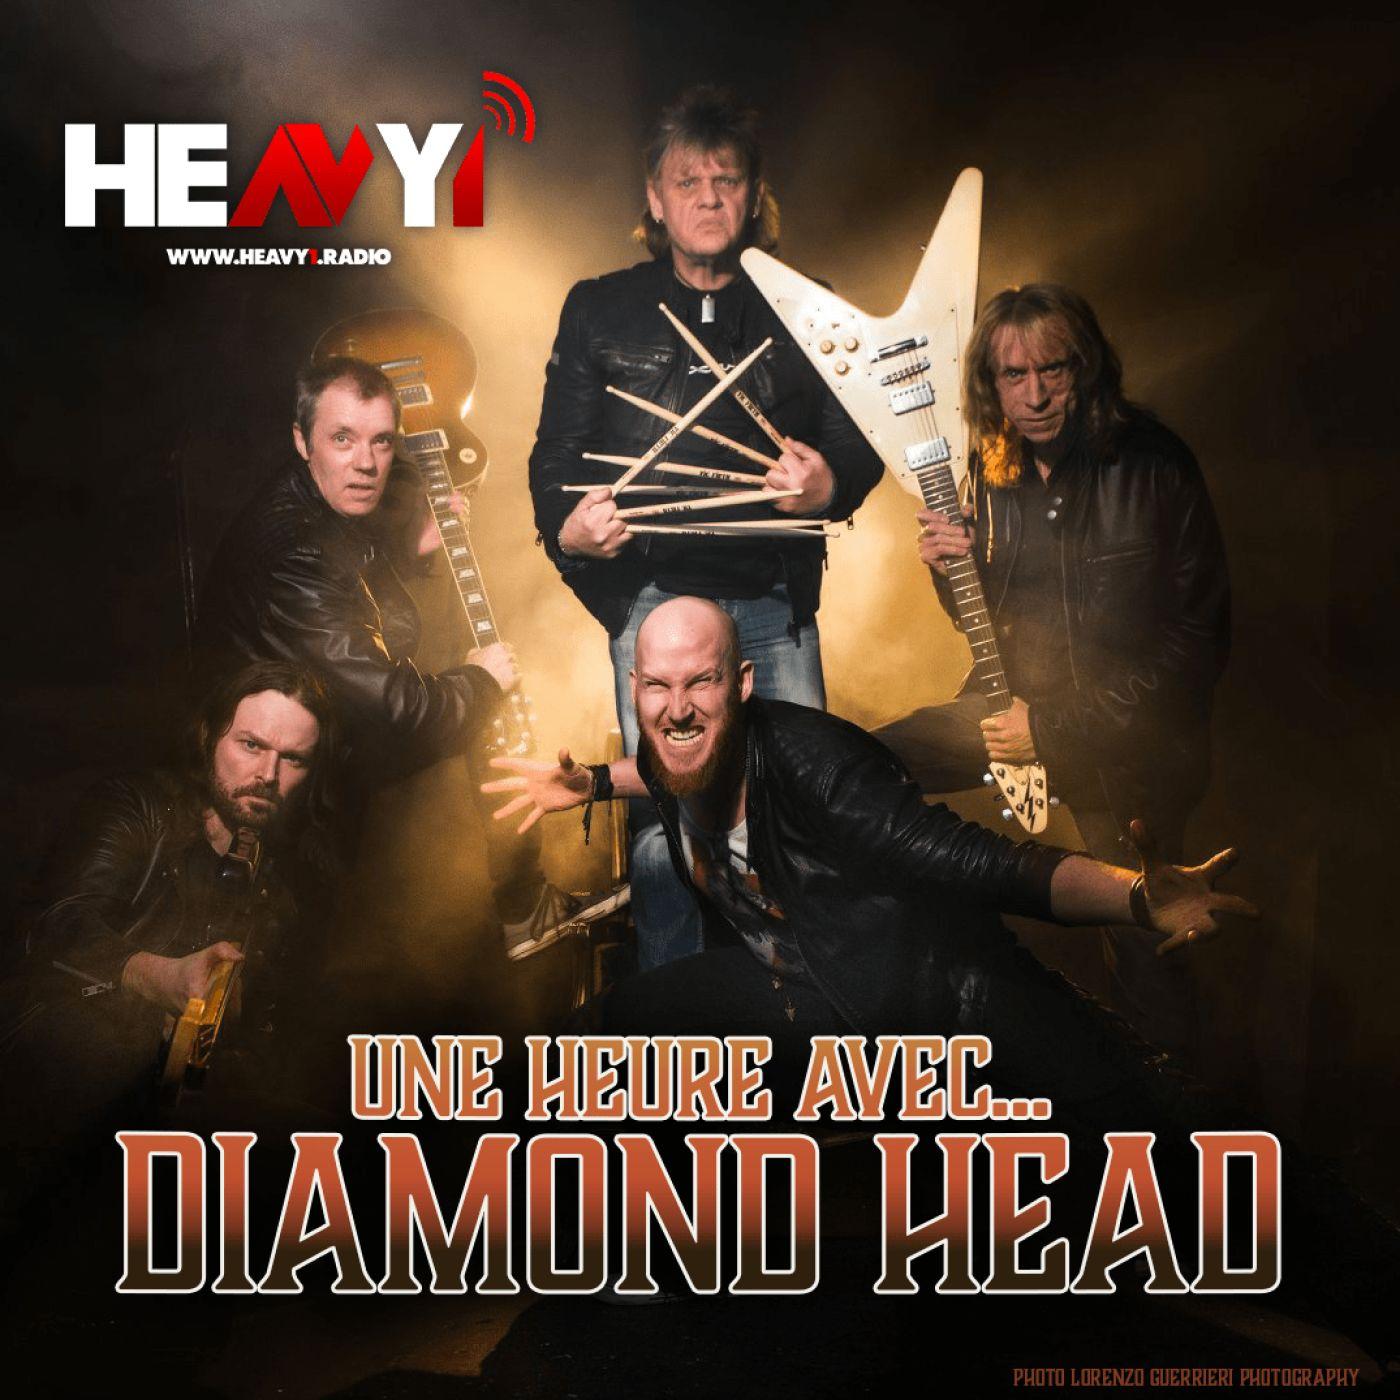 Une heure avec... Diamond Head